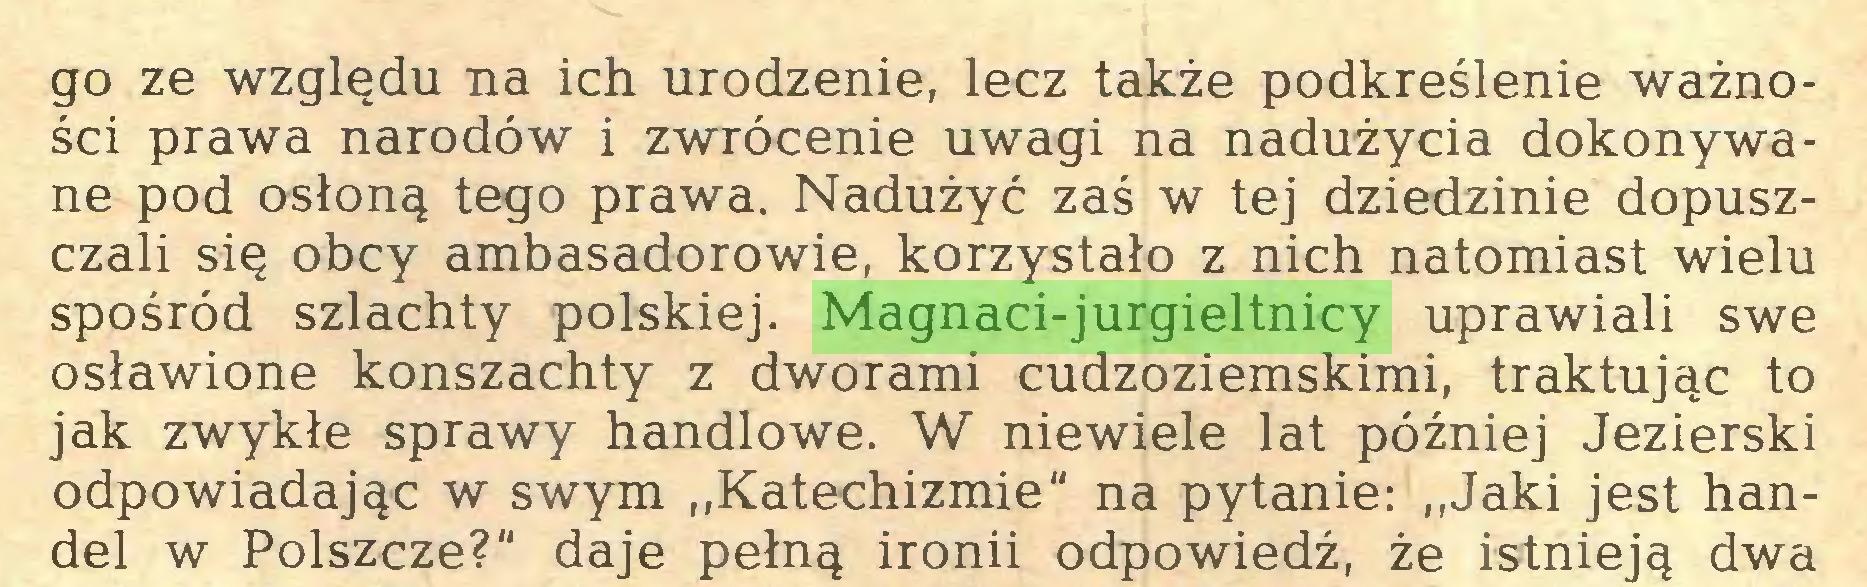 """(...) go ze względu na ich urodzenie, lecz także podkreślenie ważności prawa narodów i zwrócenie uwagi na nadużycia dokonywane pod osłoną tego prawa. Nadużyć zaś w tej dziedzinie dopuszczali się obcy ambasadorowie, korzystało z nich natomiast wielu spośród szlachty polskiej. Magnaci-jurgieltnicy uprawiali swe osławione konszachty z dworami cudzoziemskimi, traktując to jak zwykłe sprawy handlowe. W niewiele lat później Jezierski odpowiadając w swym """"Katechizmie"""" na pytanie: """"Jaki jest handel w Polszczę?"""" daje pełną ironii odpowiedź, że istnieją dwa..."""